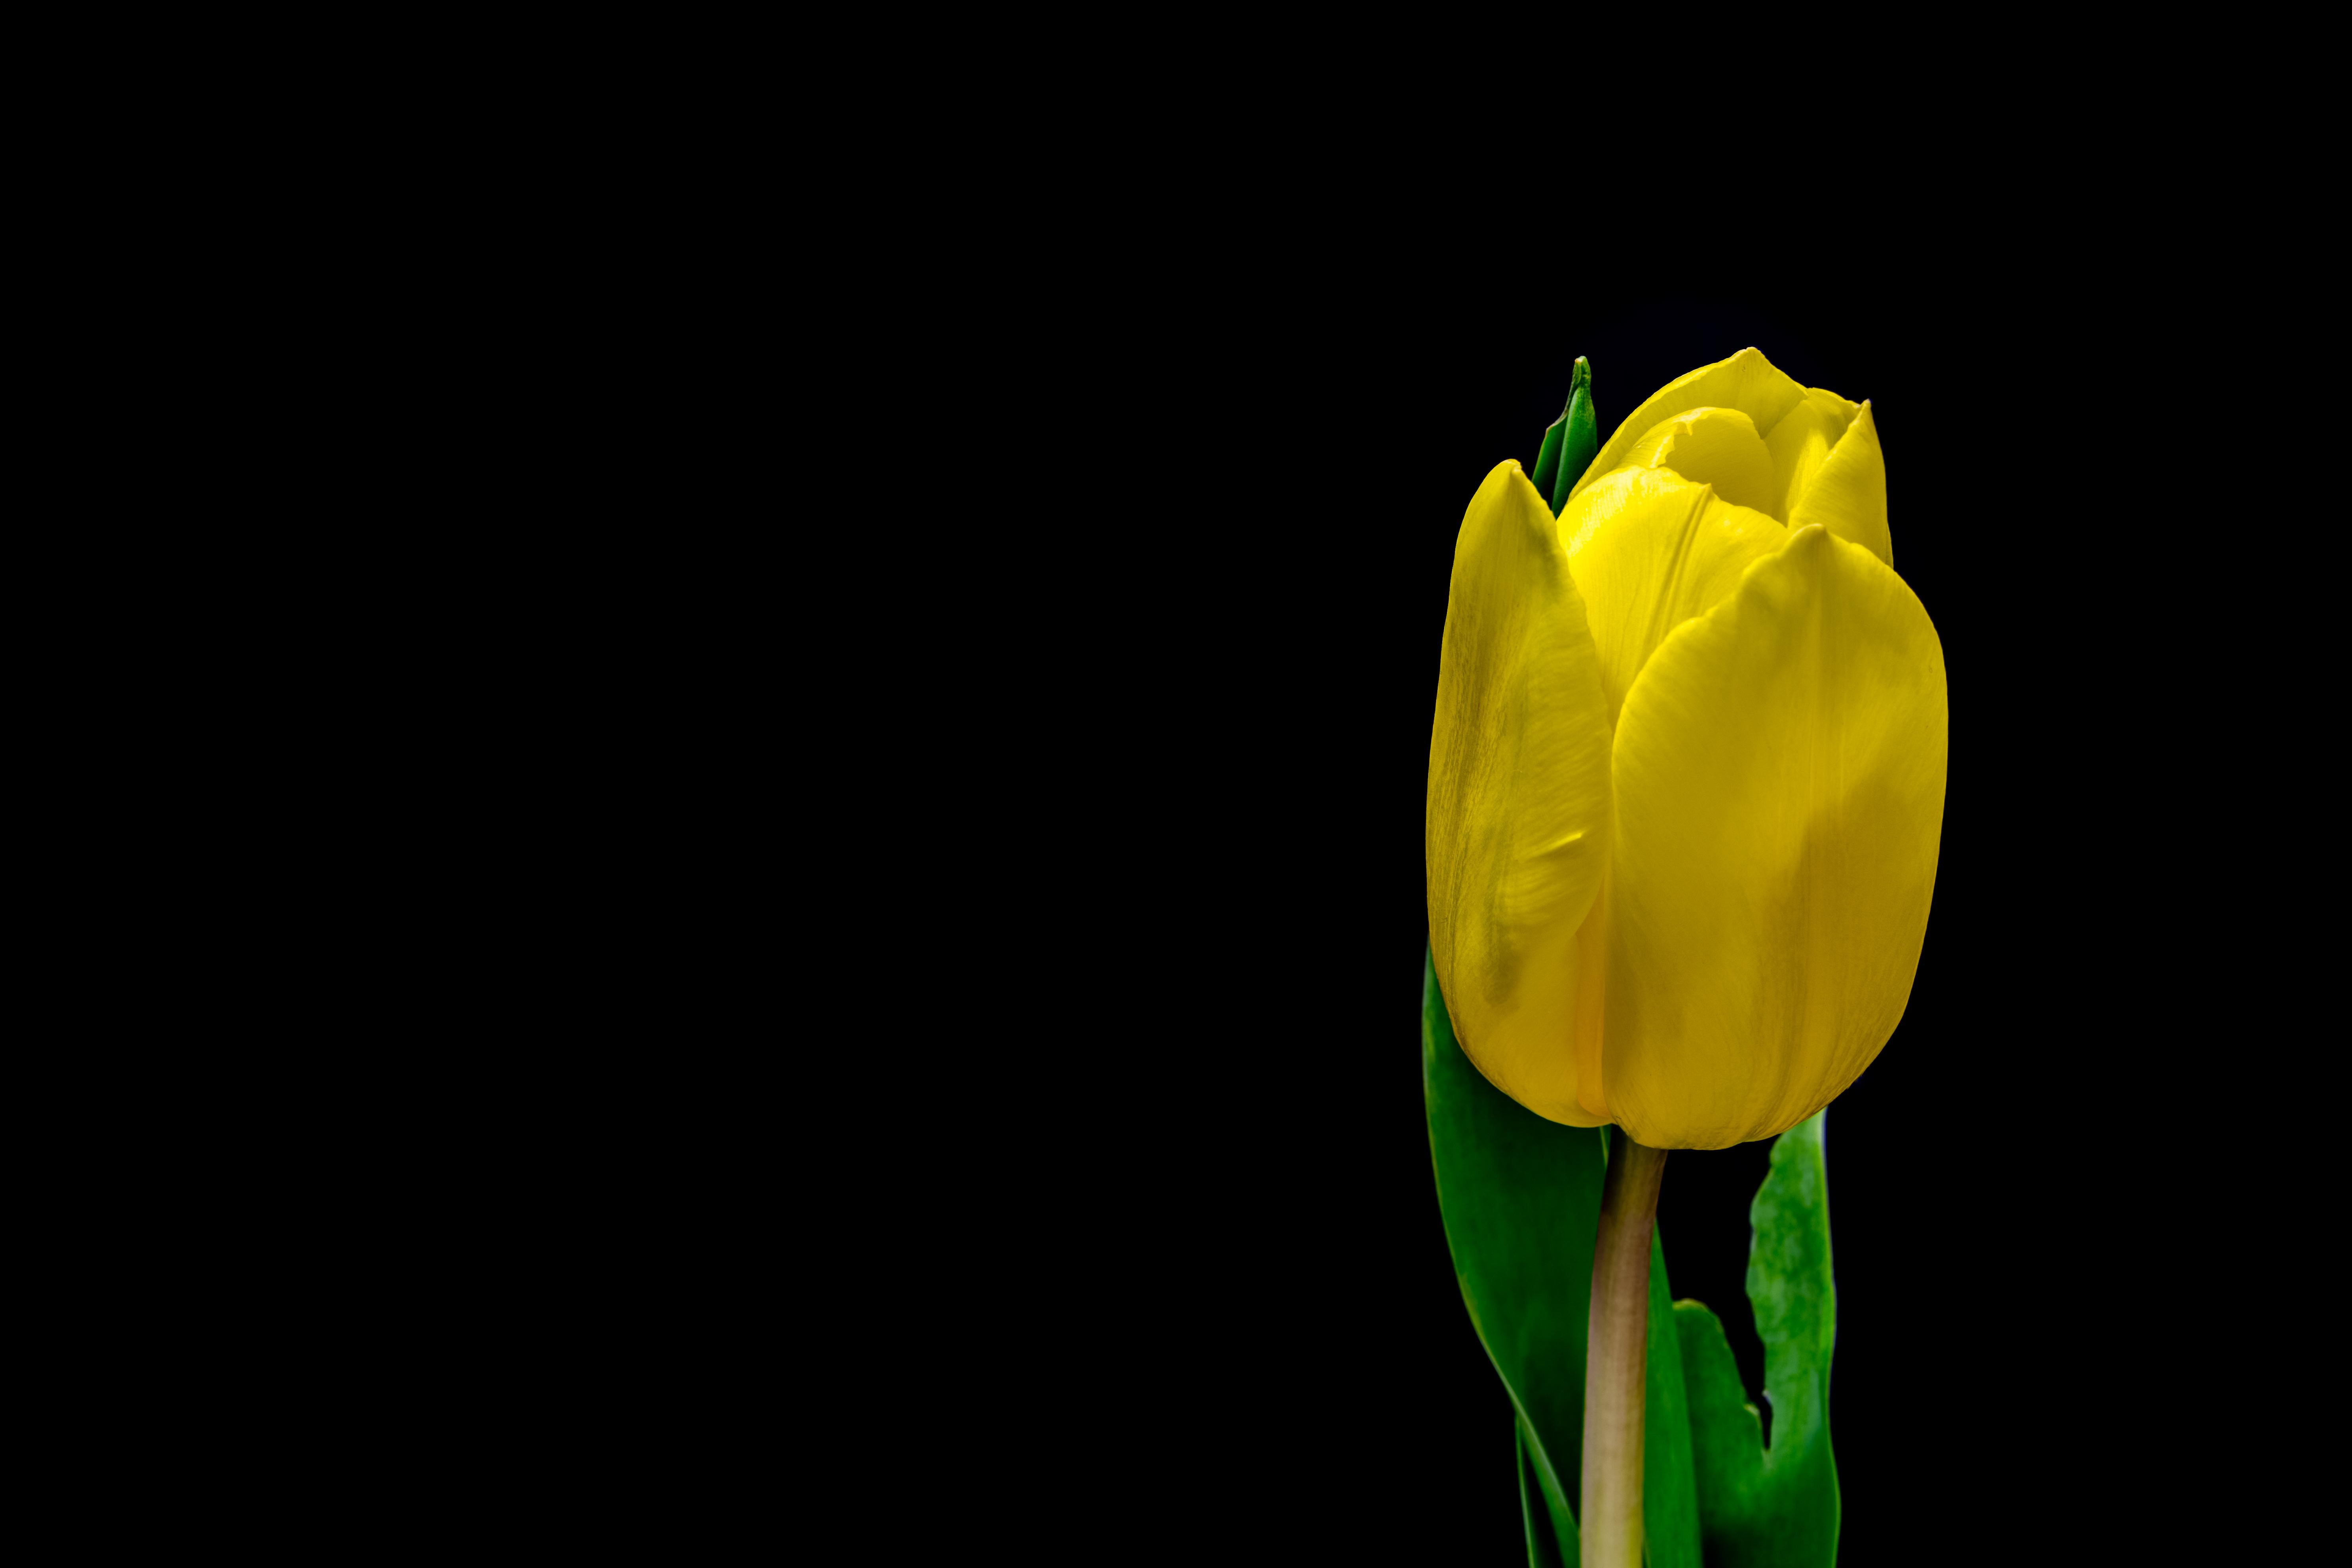 всему миру тюльпаны на темном фоне картинки том, зачем сюда